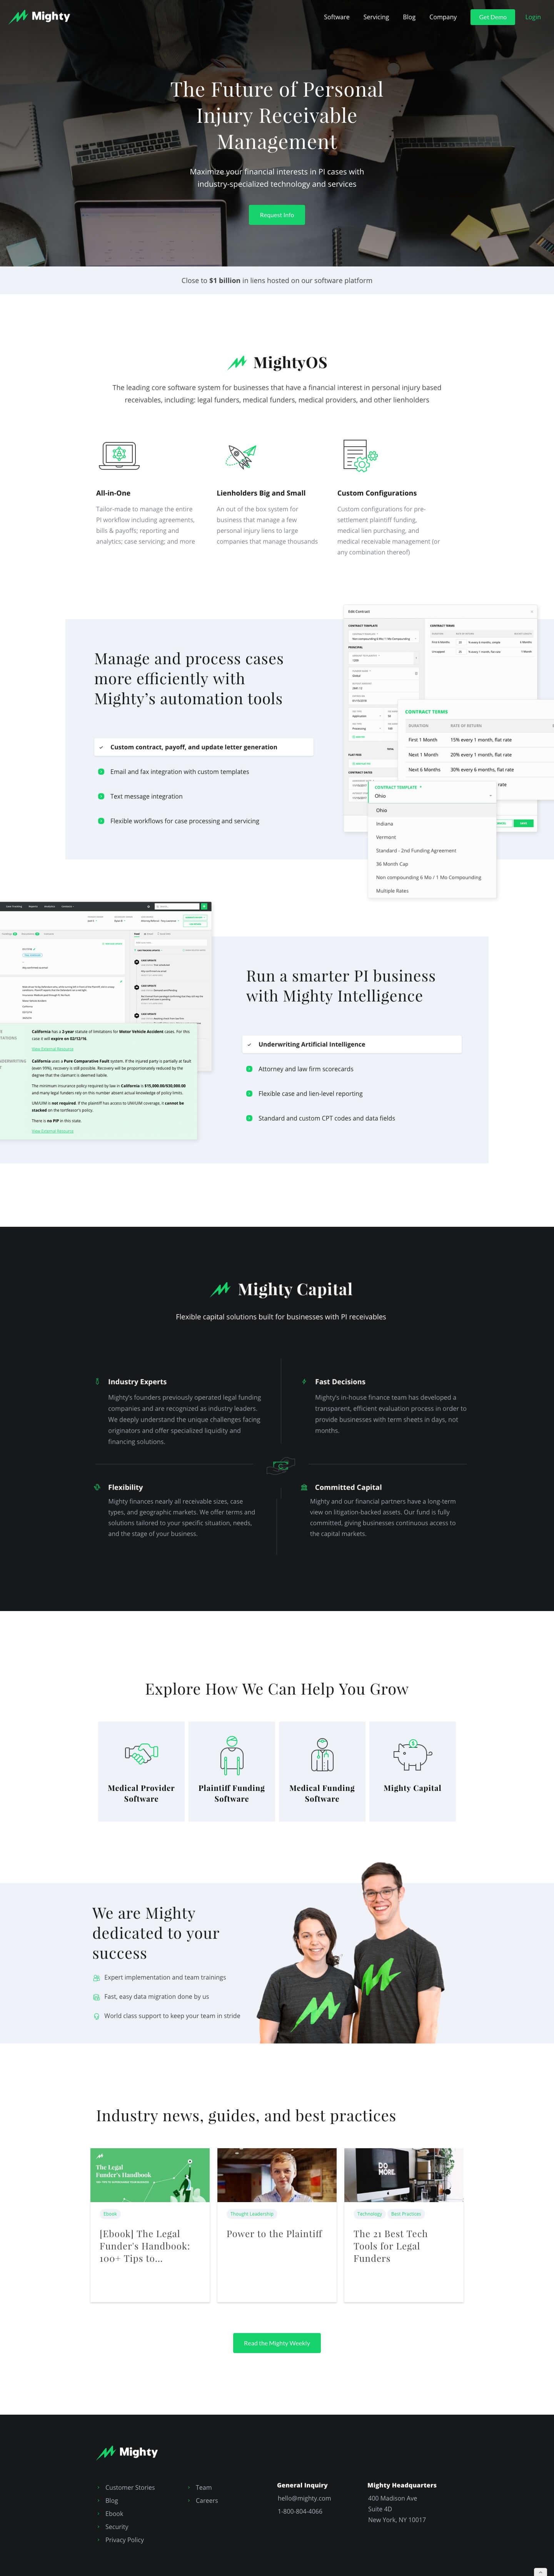 Finsweet Webflow development for Mighty